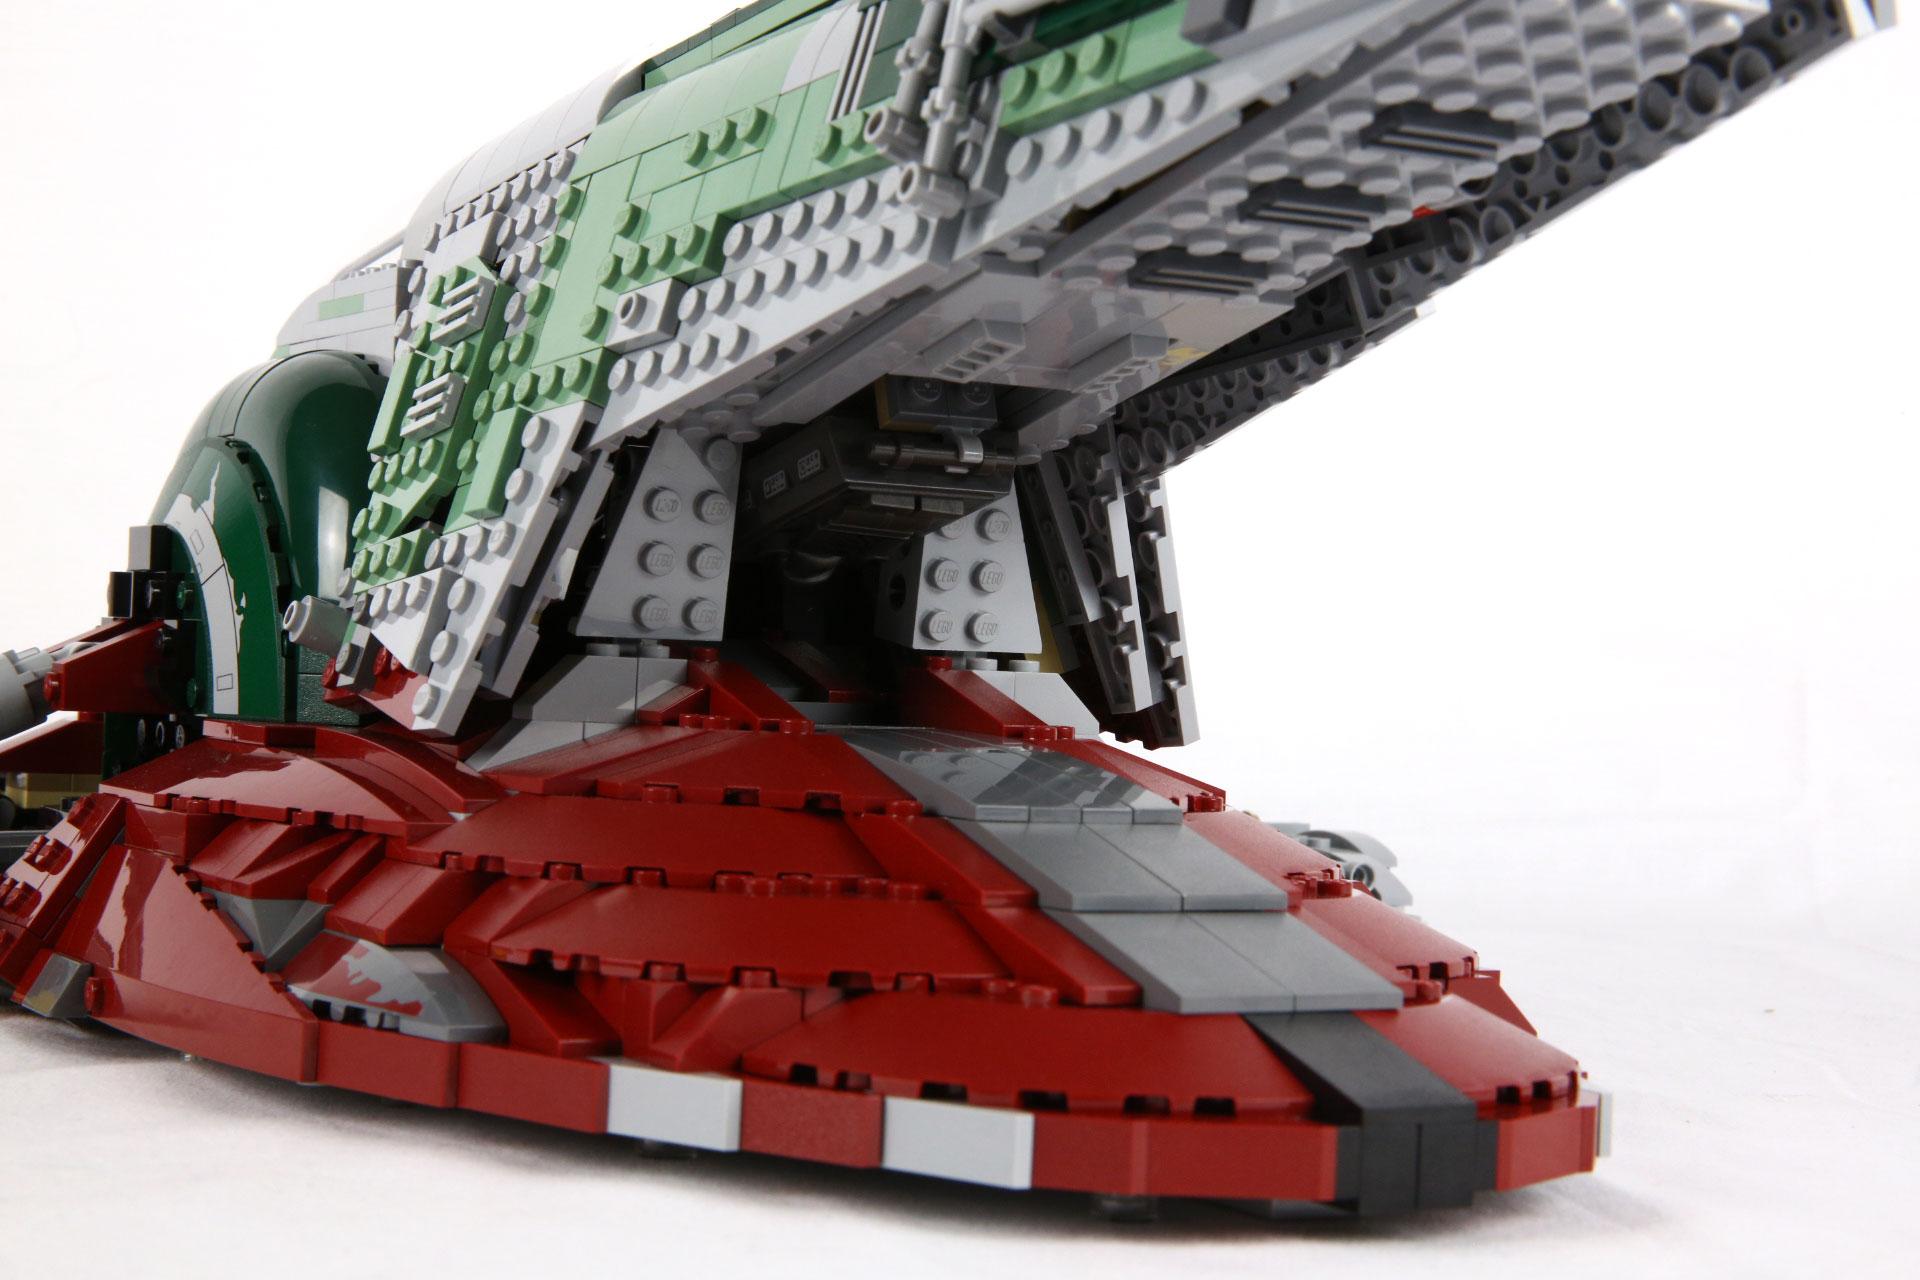 lego slave 1 instructions 7144